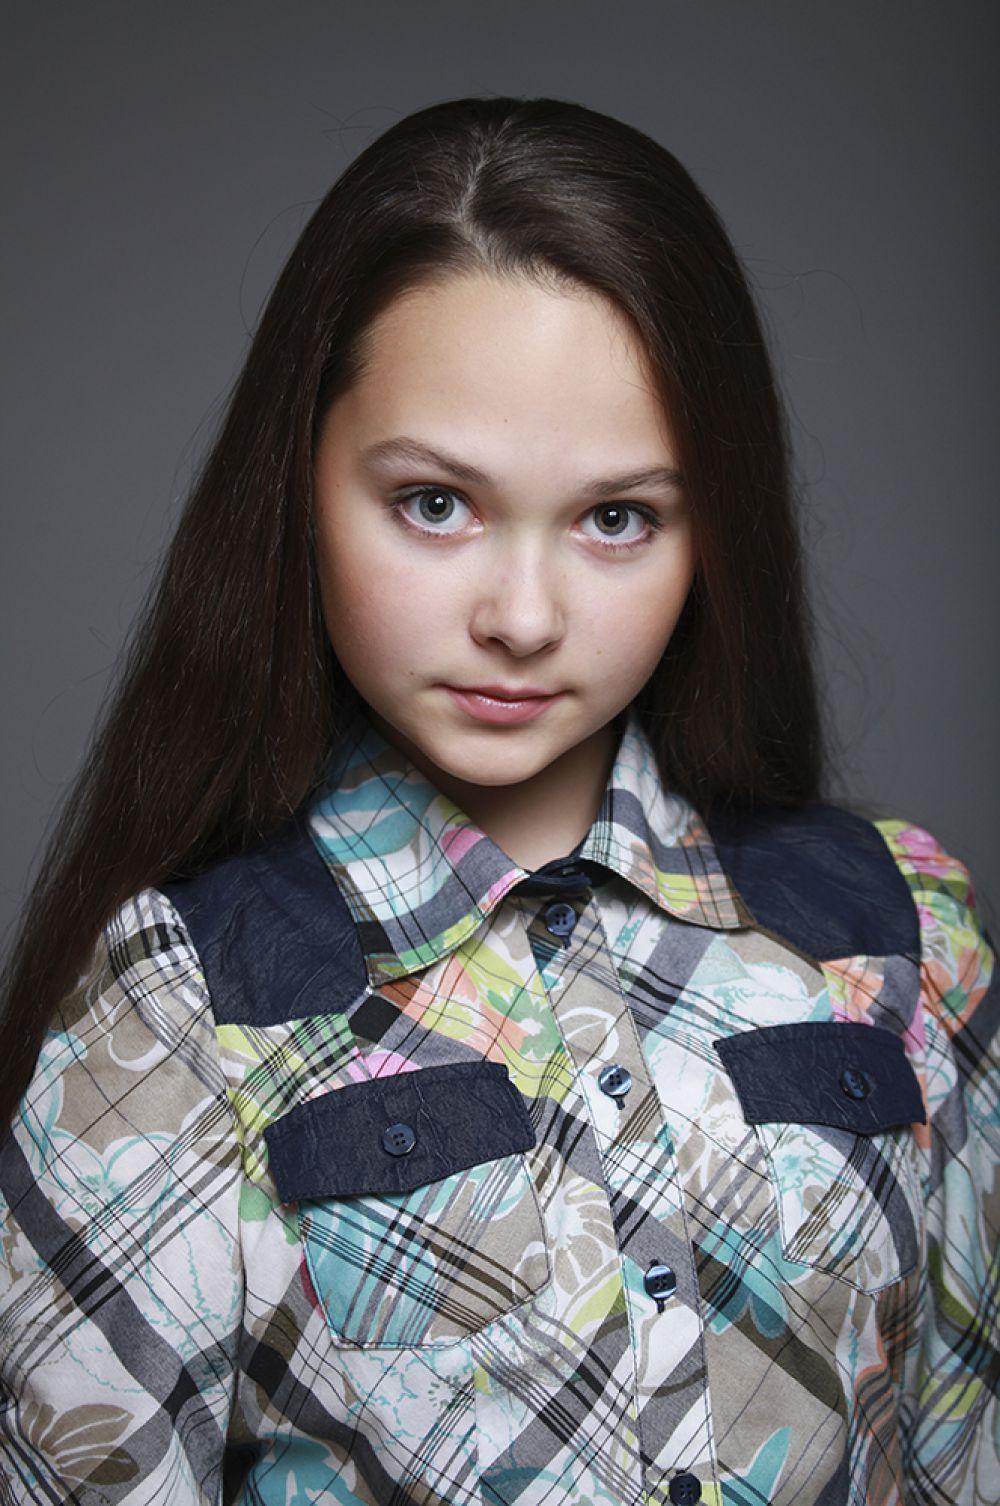 Дана Конышева, 11 лет, 8-ой конкурс красоты и талантов  «Маленькая Мисс Вятка-2016». Старшая группа.